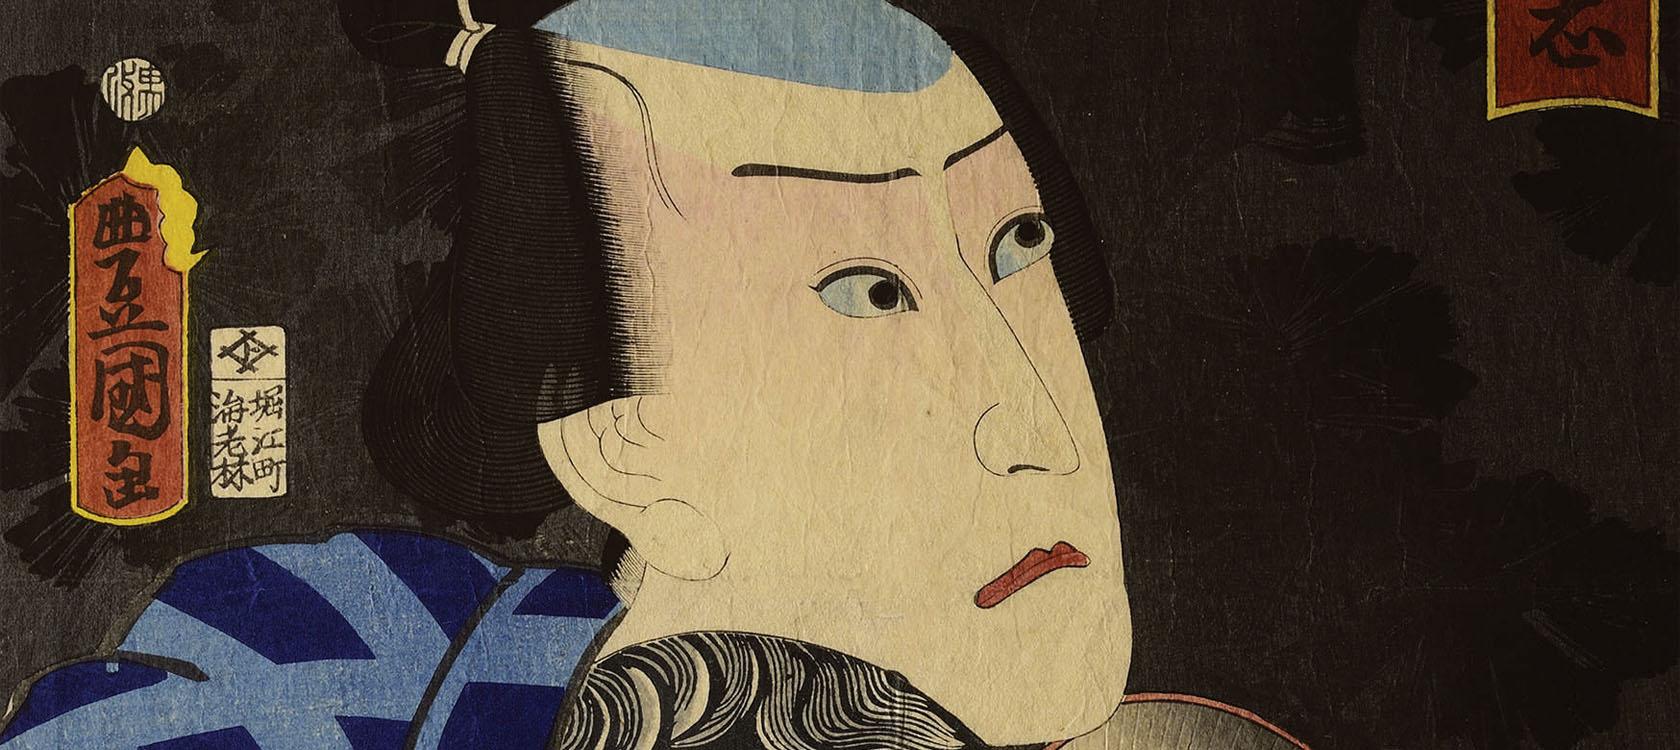 Acteursprent-detail-ca.-1860.-Kunstenaar-Utagawa-Kunisada